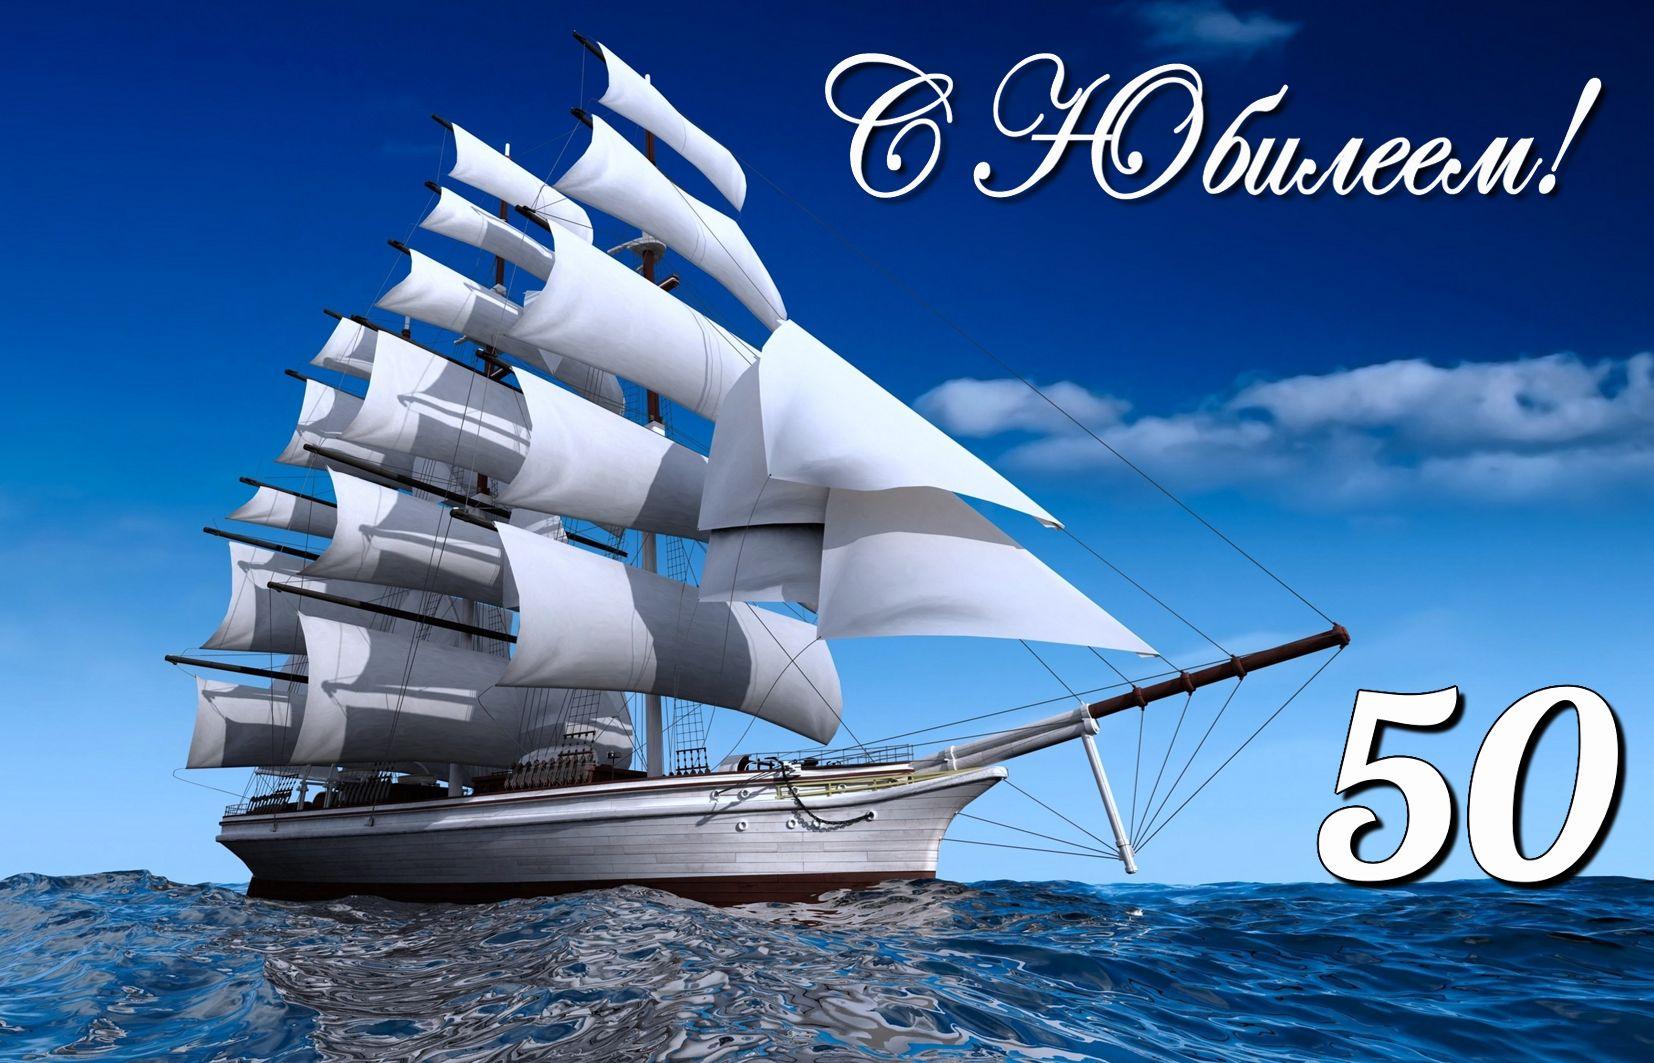 Открытка - яхта в синем море к юбилею 50 лет